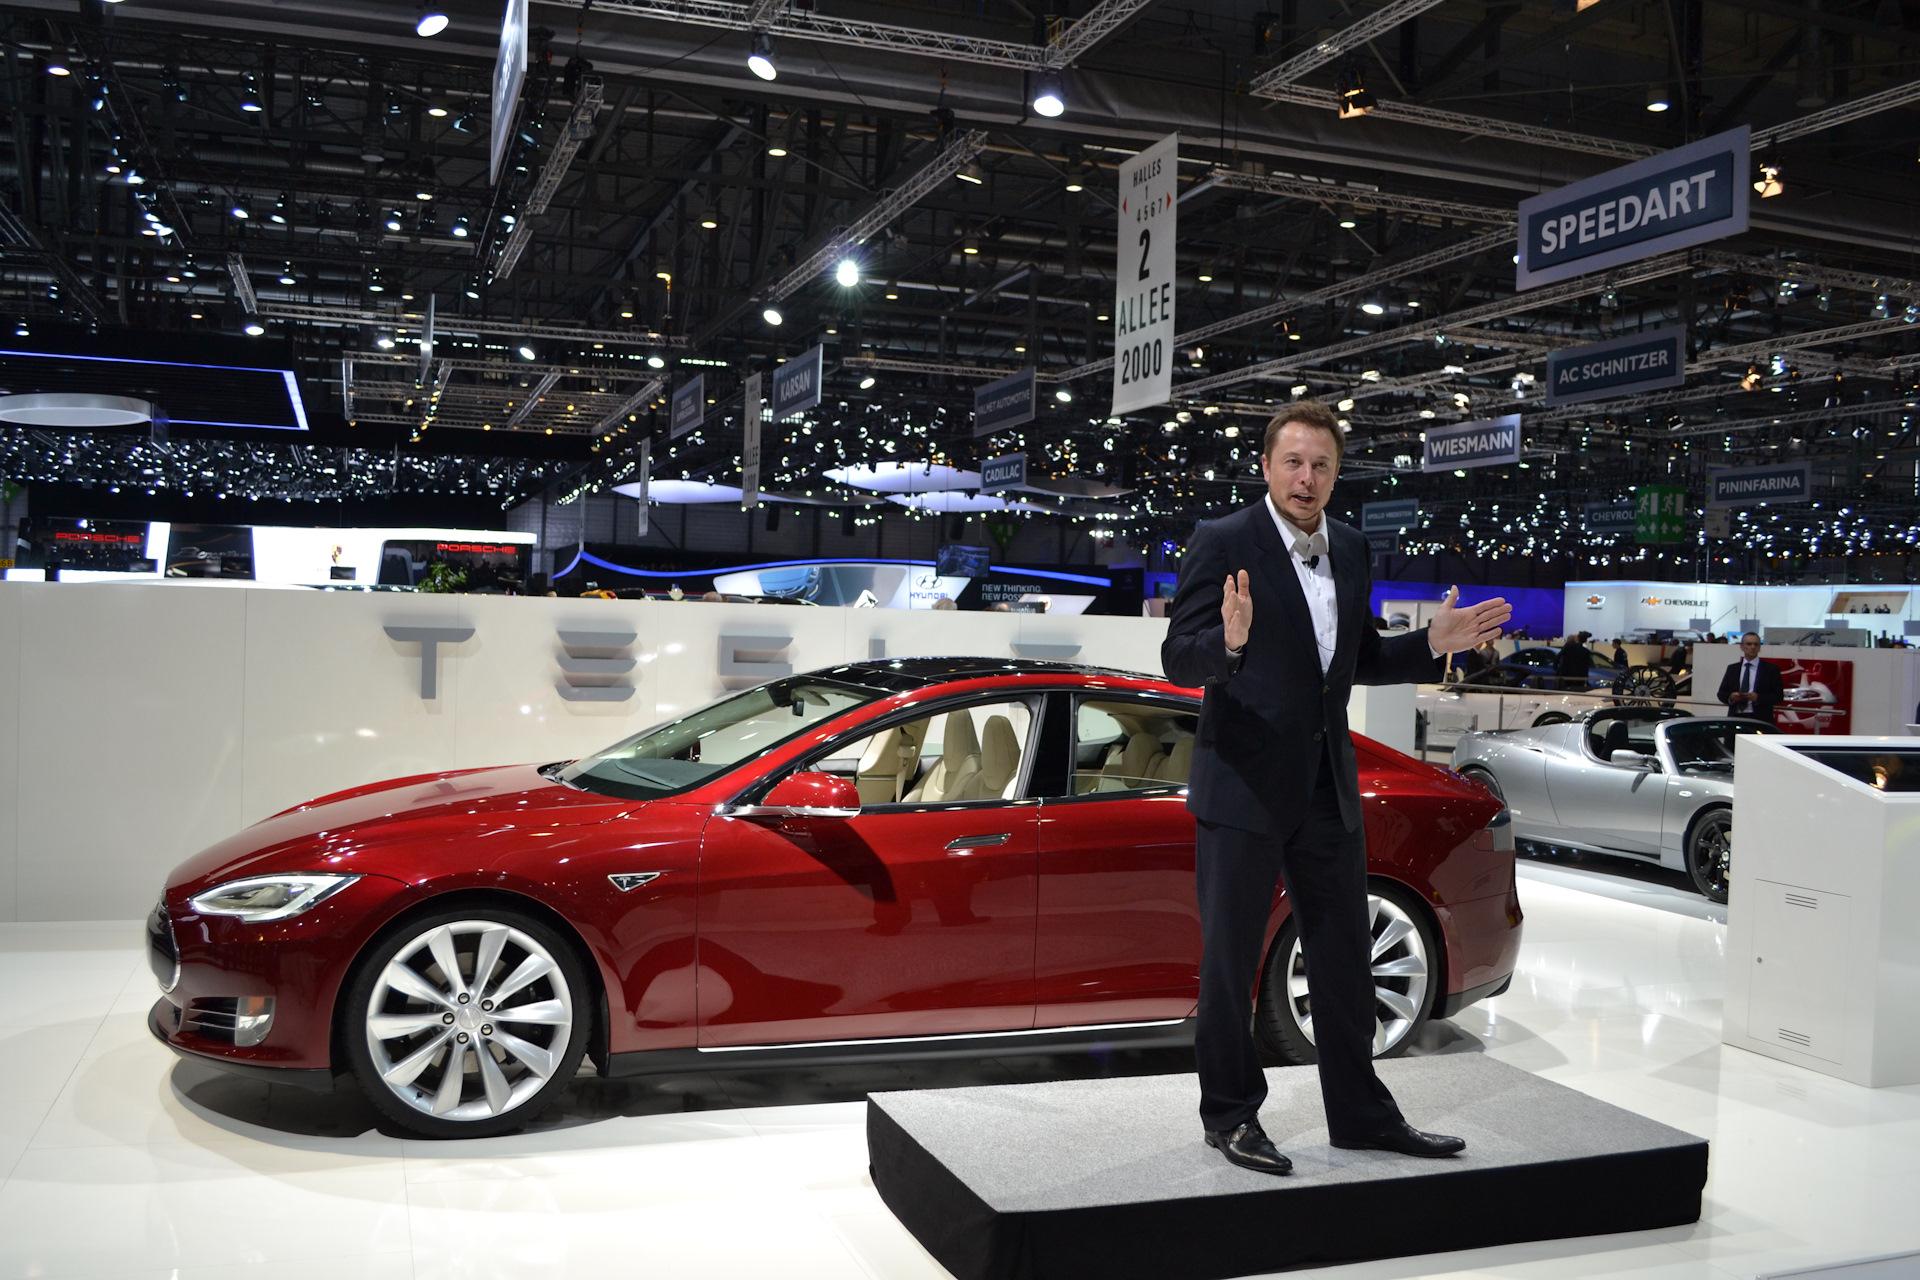 автомобиль тесла полный цикл зарядки аккумуляторов